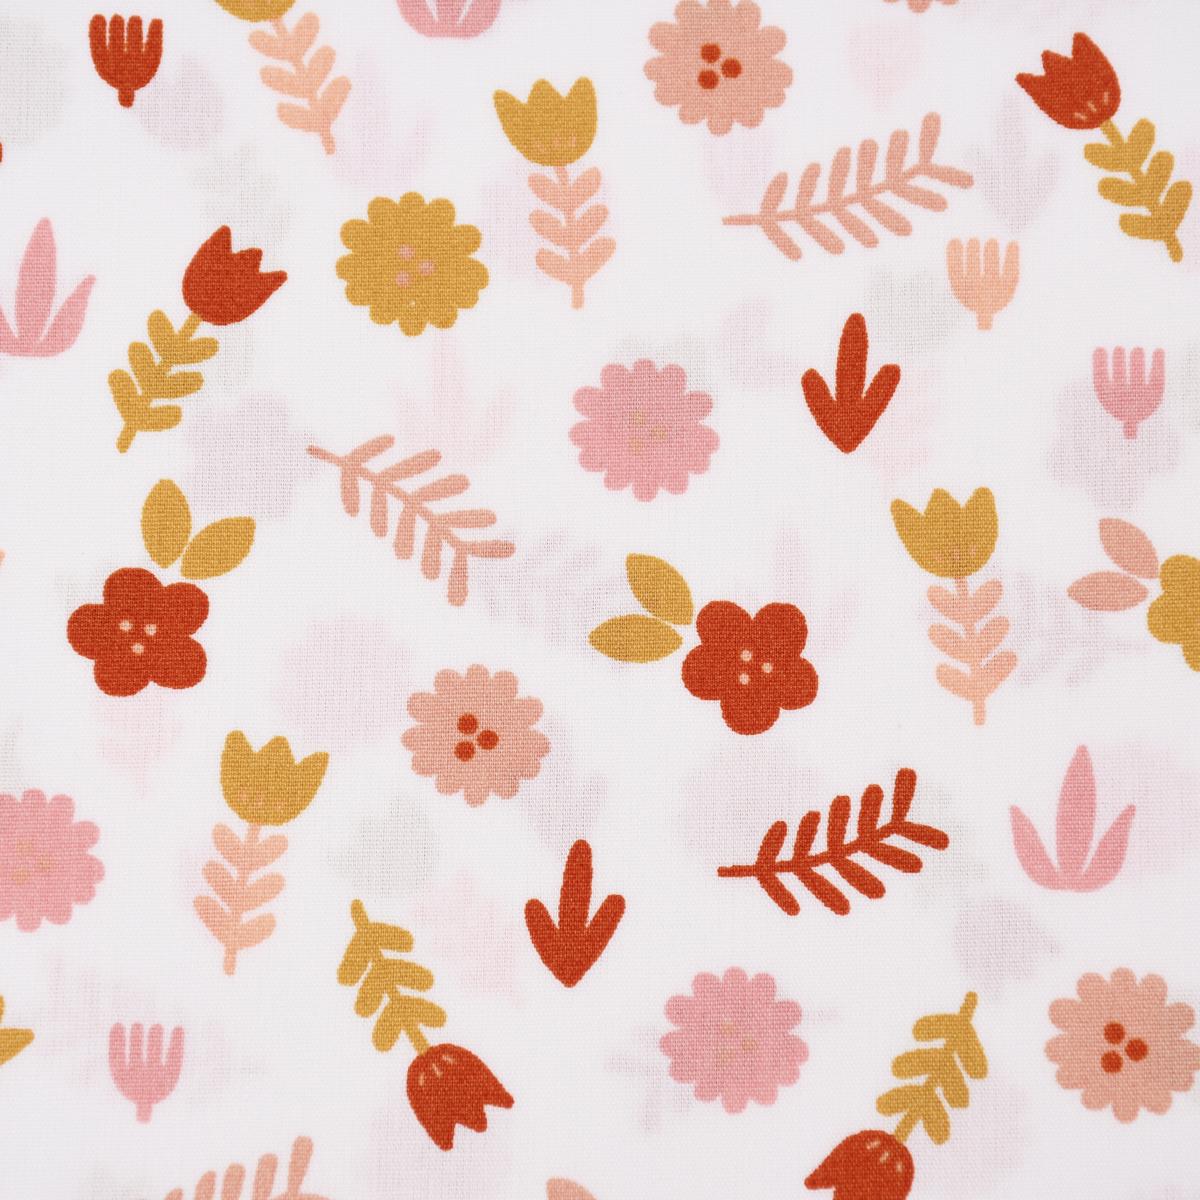 Baumwollstoff Popeline LOVELY STORY Blumen Blätter weiß rosa ocker 1,45m Breite